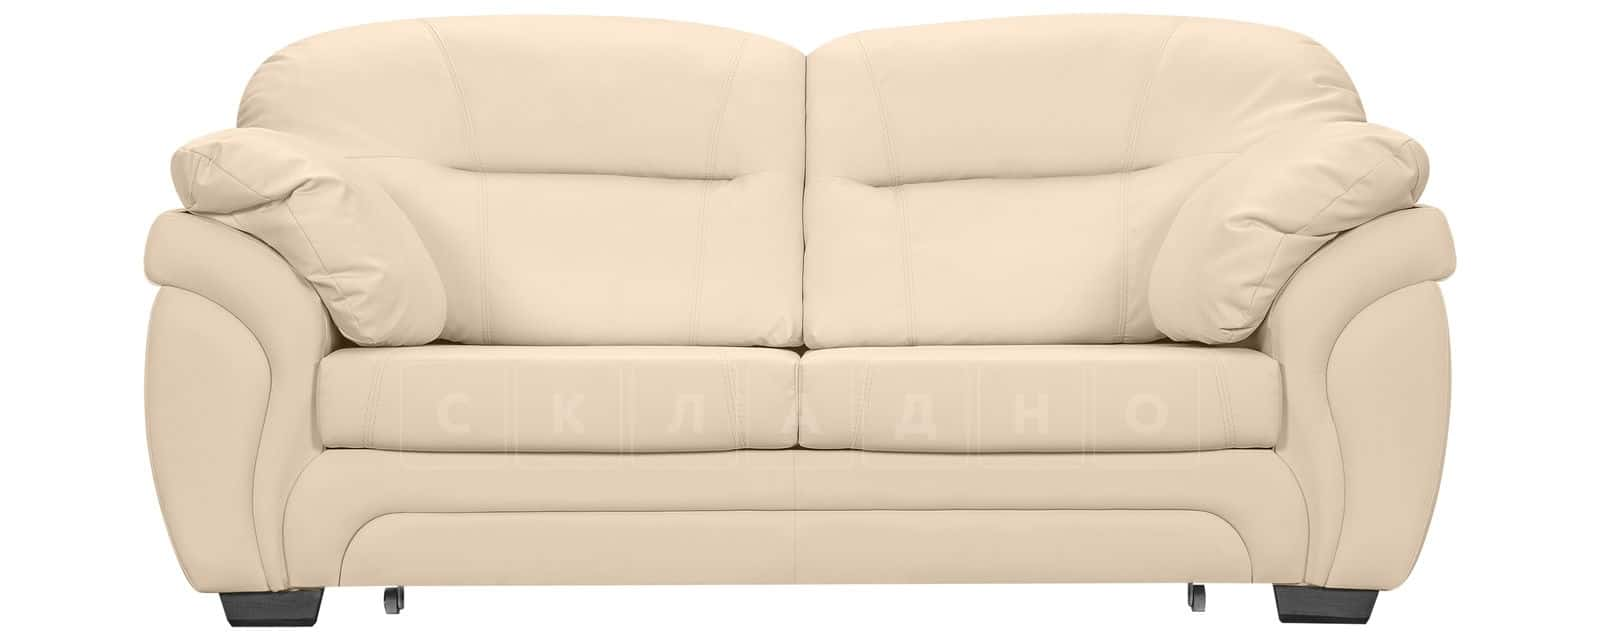 Диван Бристоль кожаный бежевого цвета фото 2 | интернет-магазин Складно